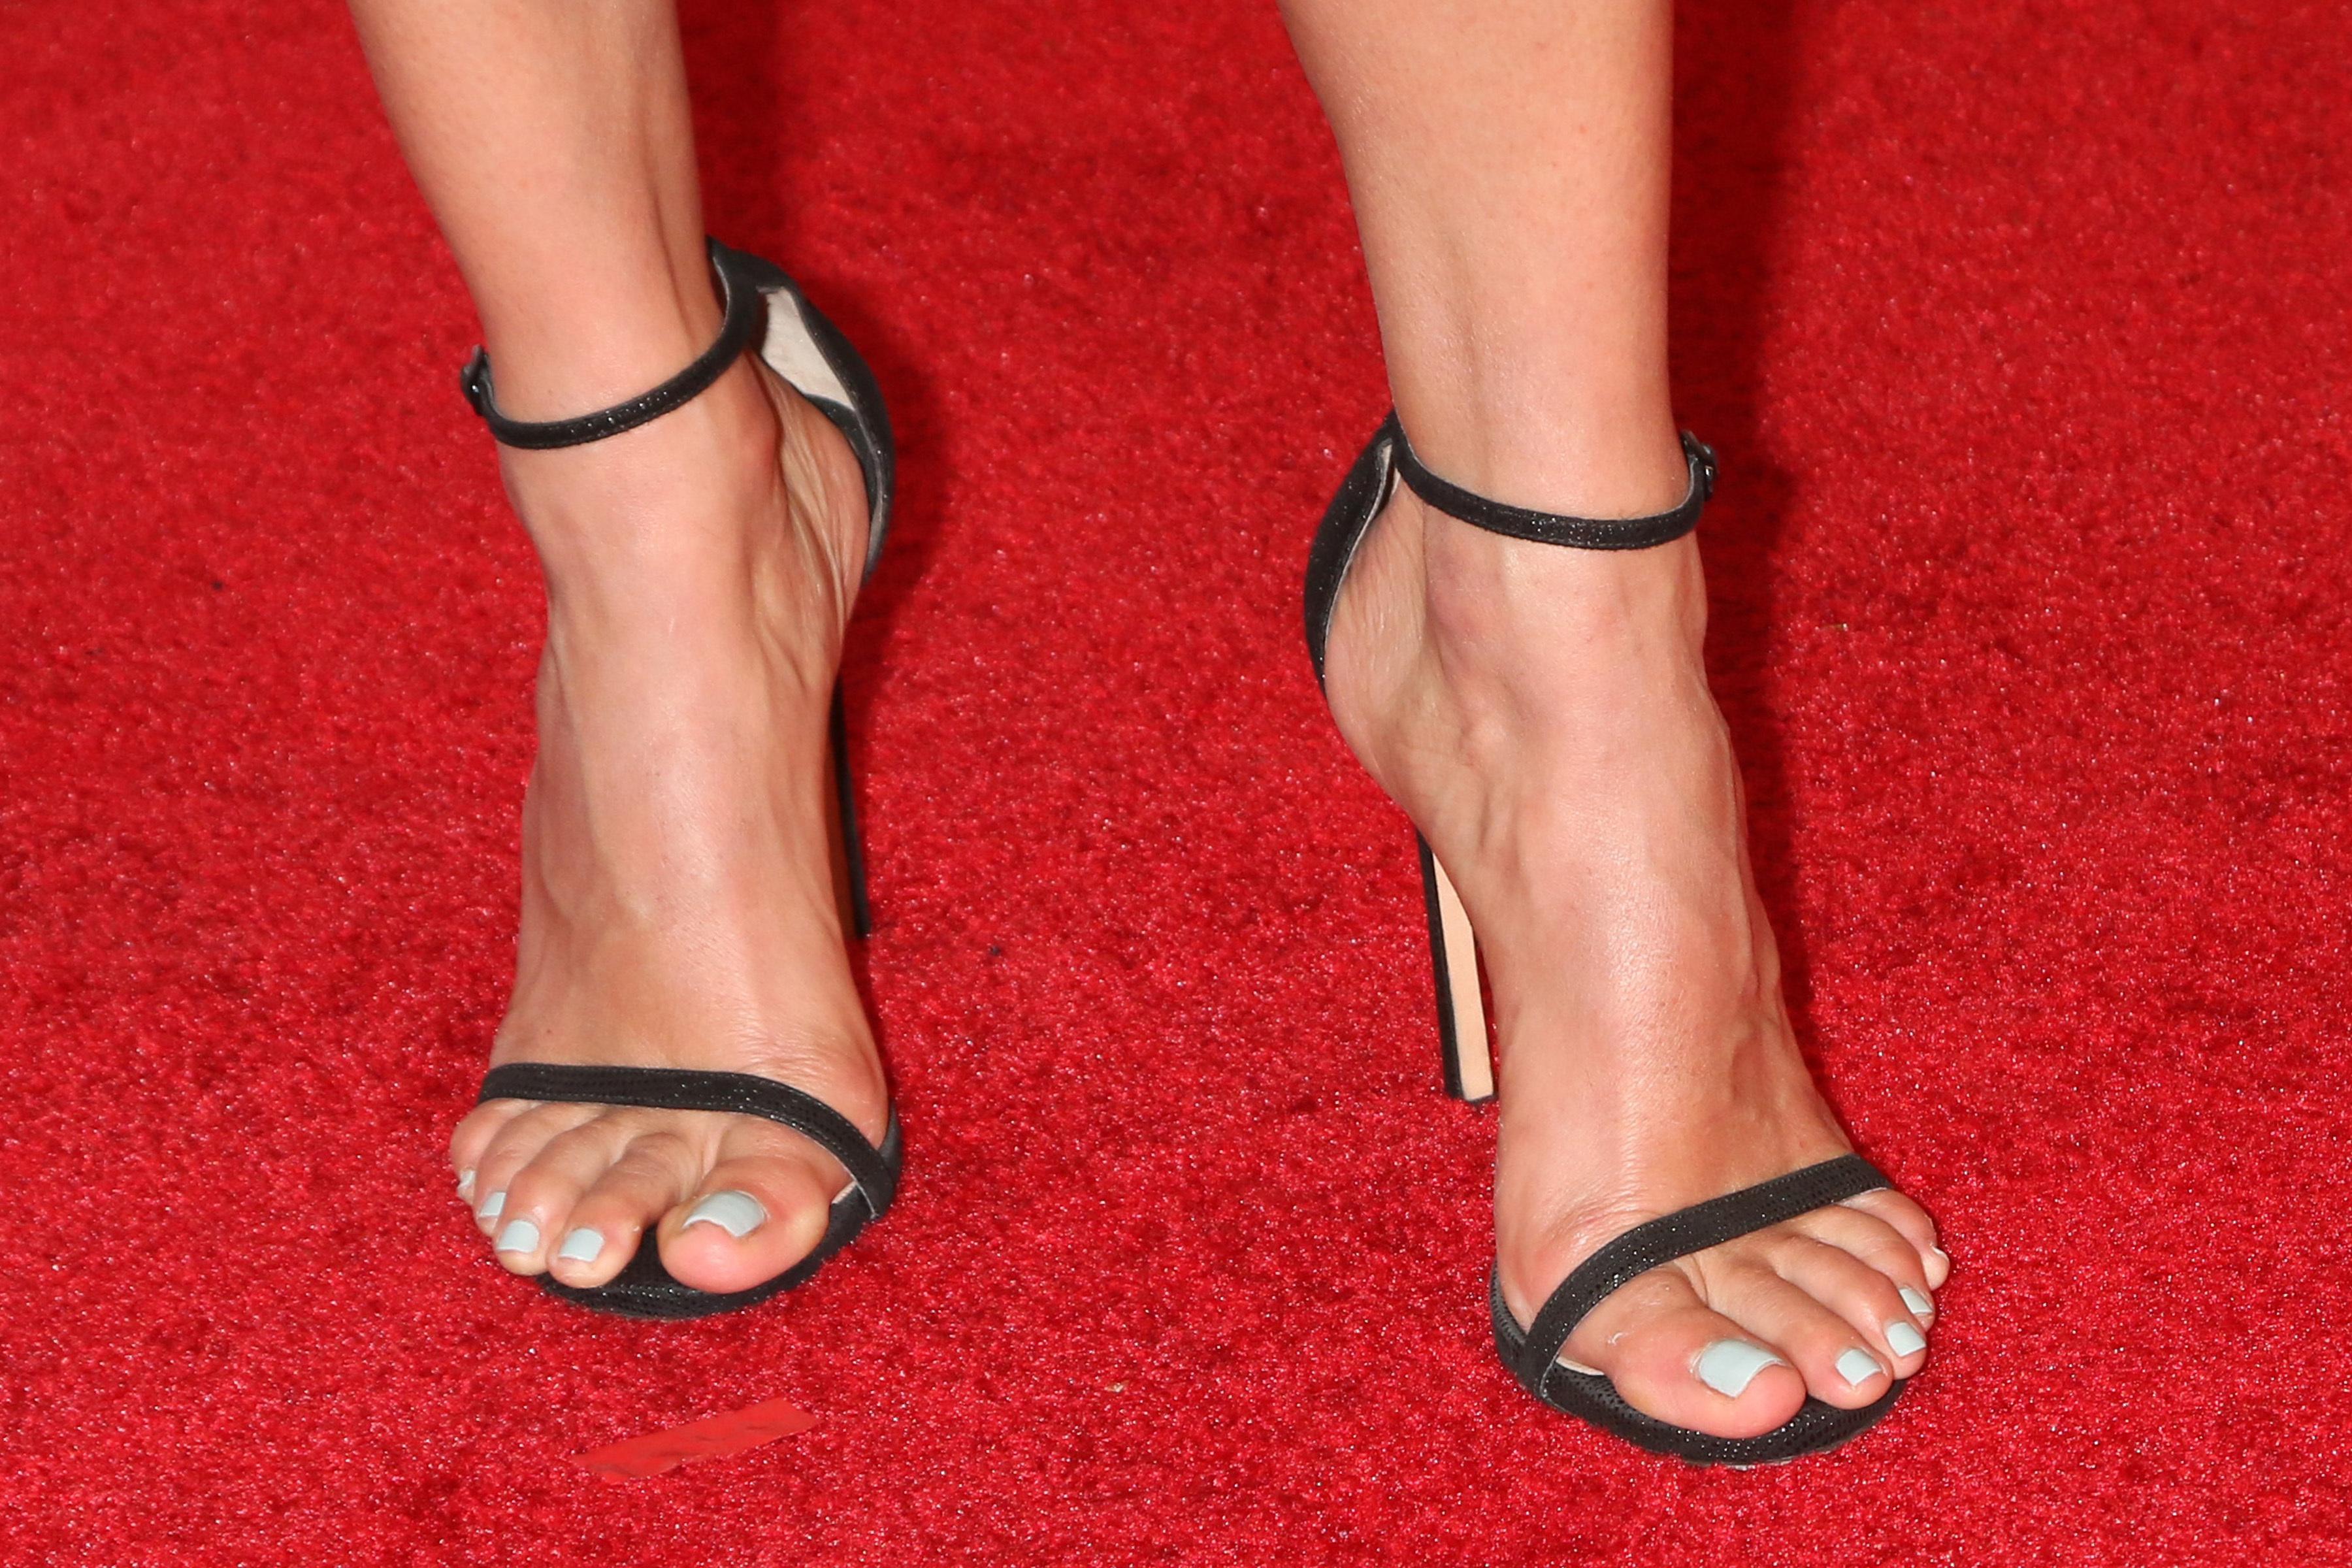 Natalie Morales's Feet